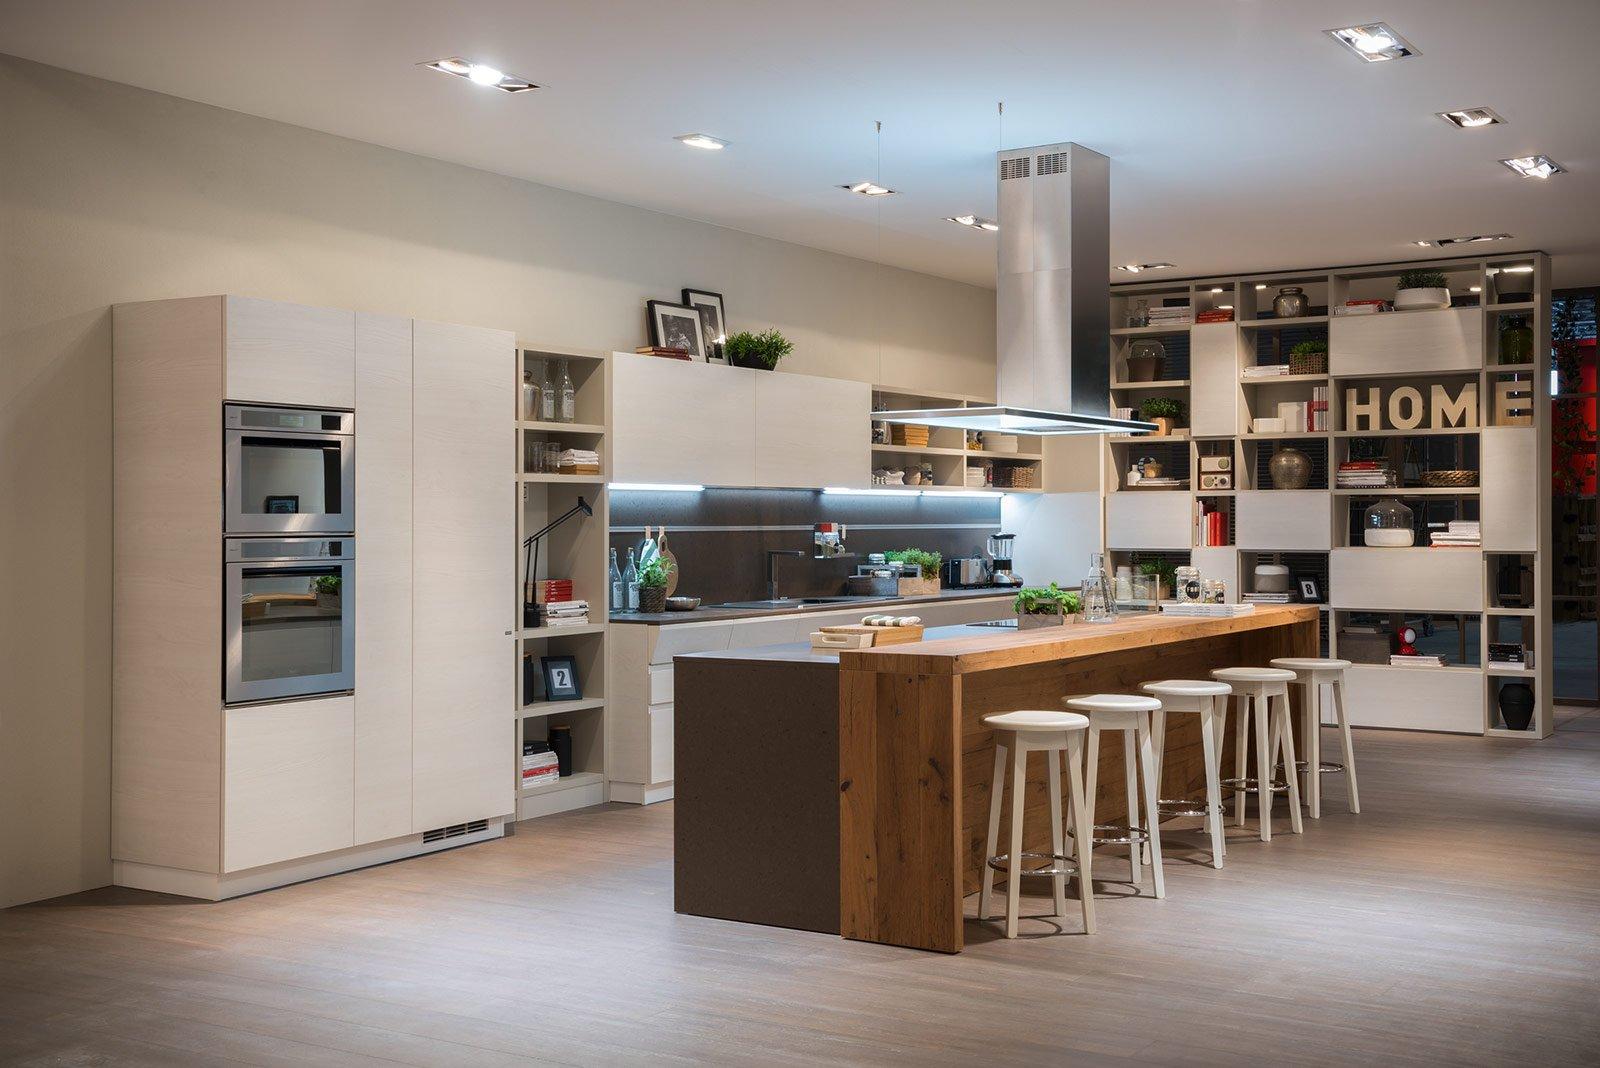 Cucina e soggiorno openspace funzioni divise o spiccata - Ikea barra cucina ...